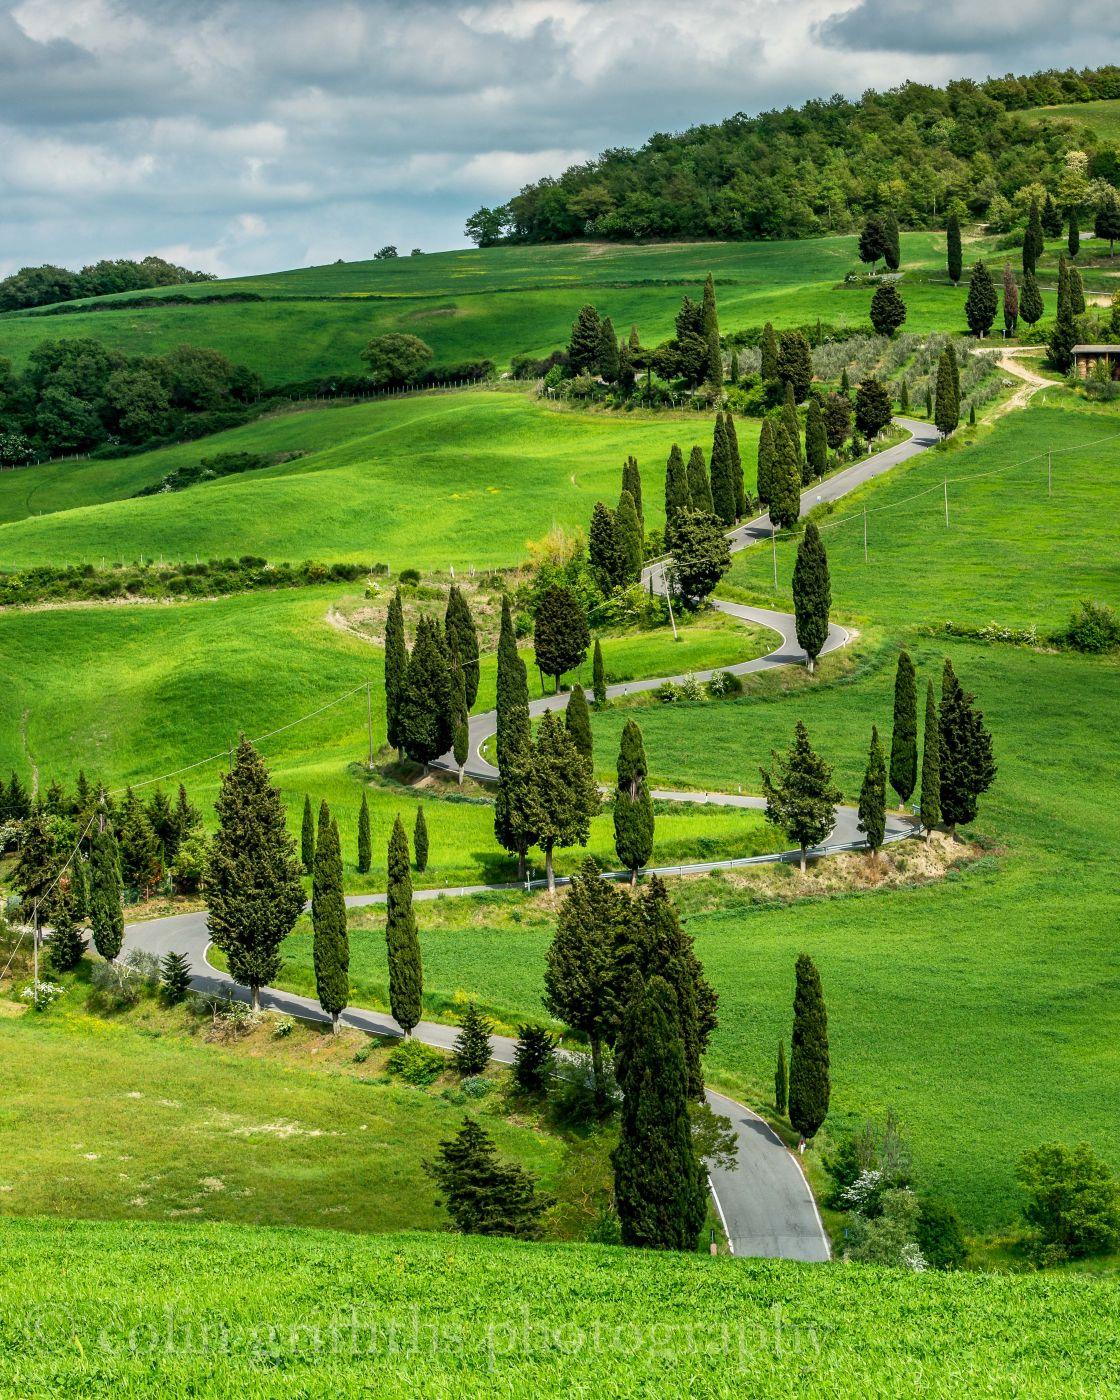 Monteicchiello Cypress trees, Italy